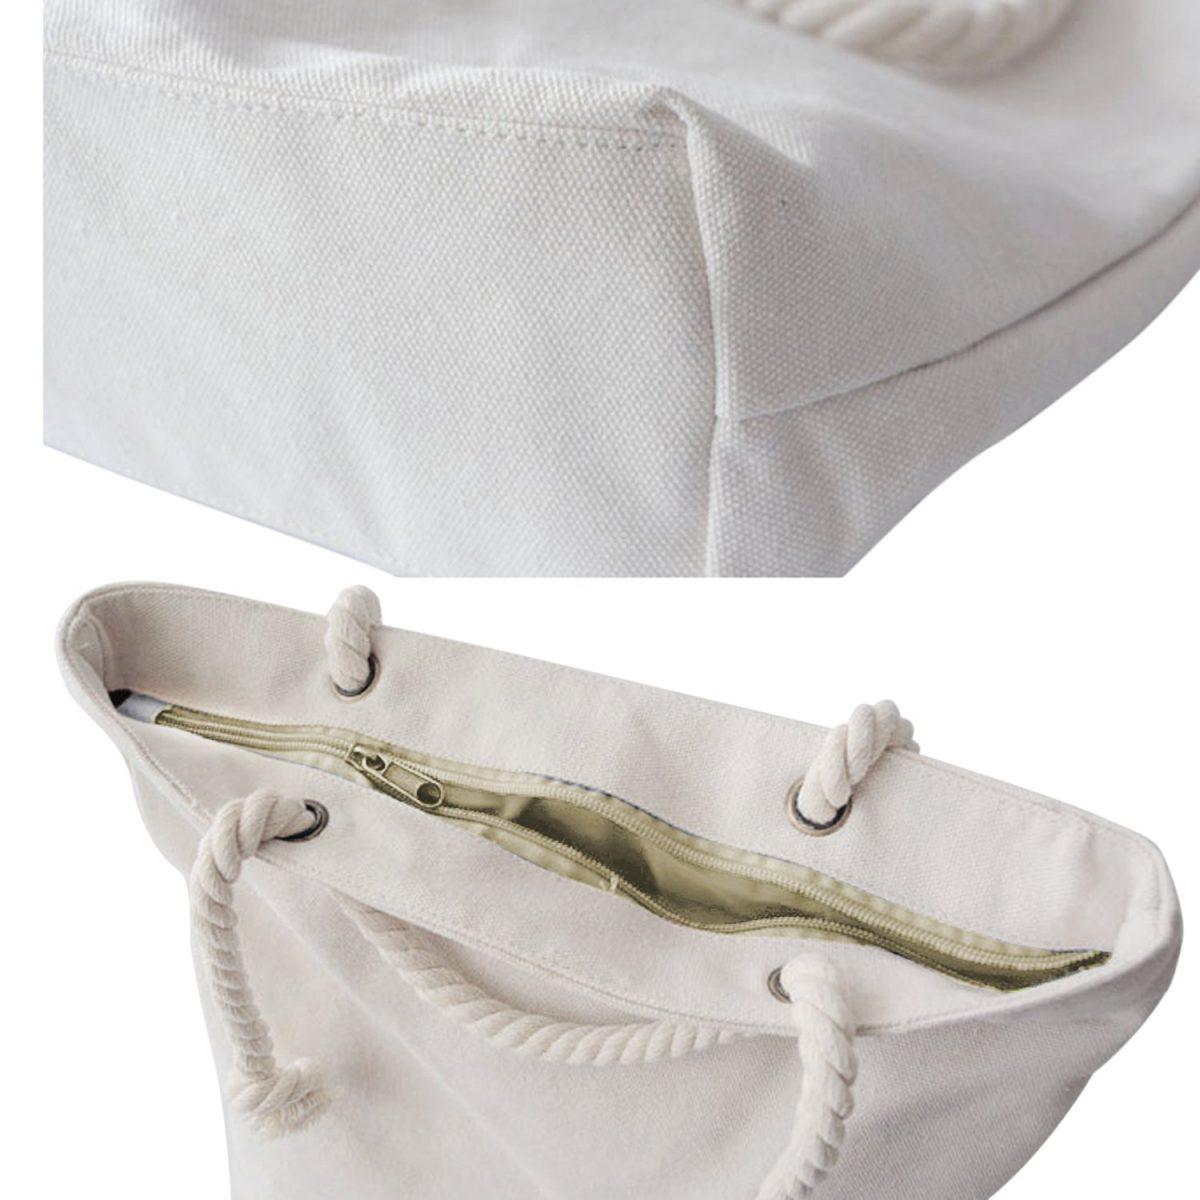 Yılbaşı Temalı Dijital Baskılı 3D Fermuarlı Kumaş Çanta Realhomes